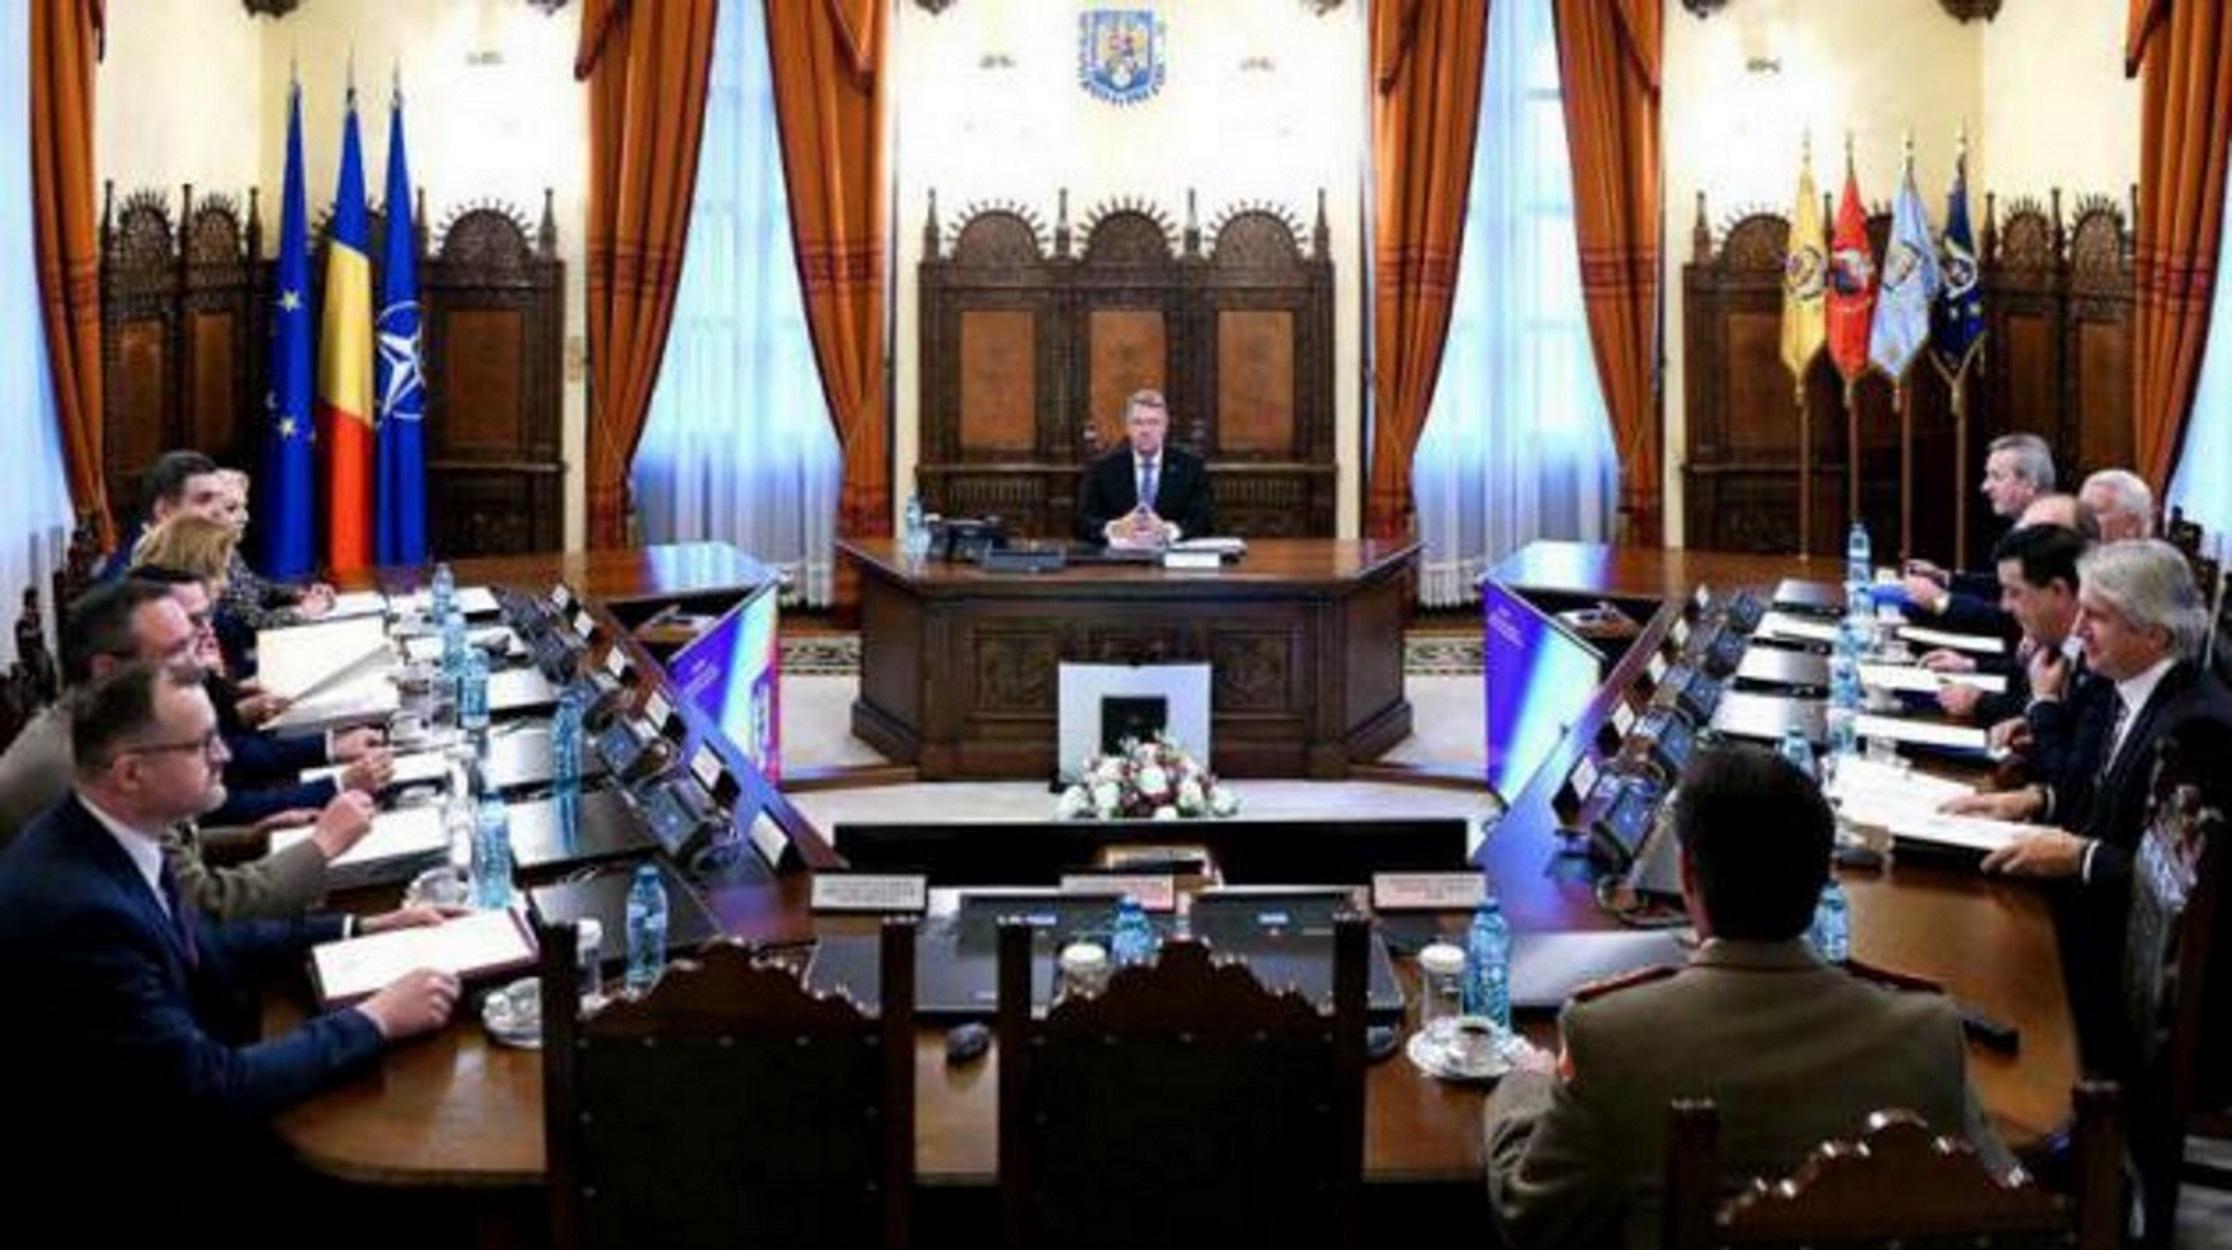 Ρουμανία: Αύξηση 40% στις συντάξεις ψήφισε η Βουλή